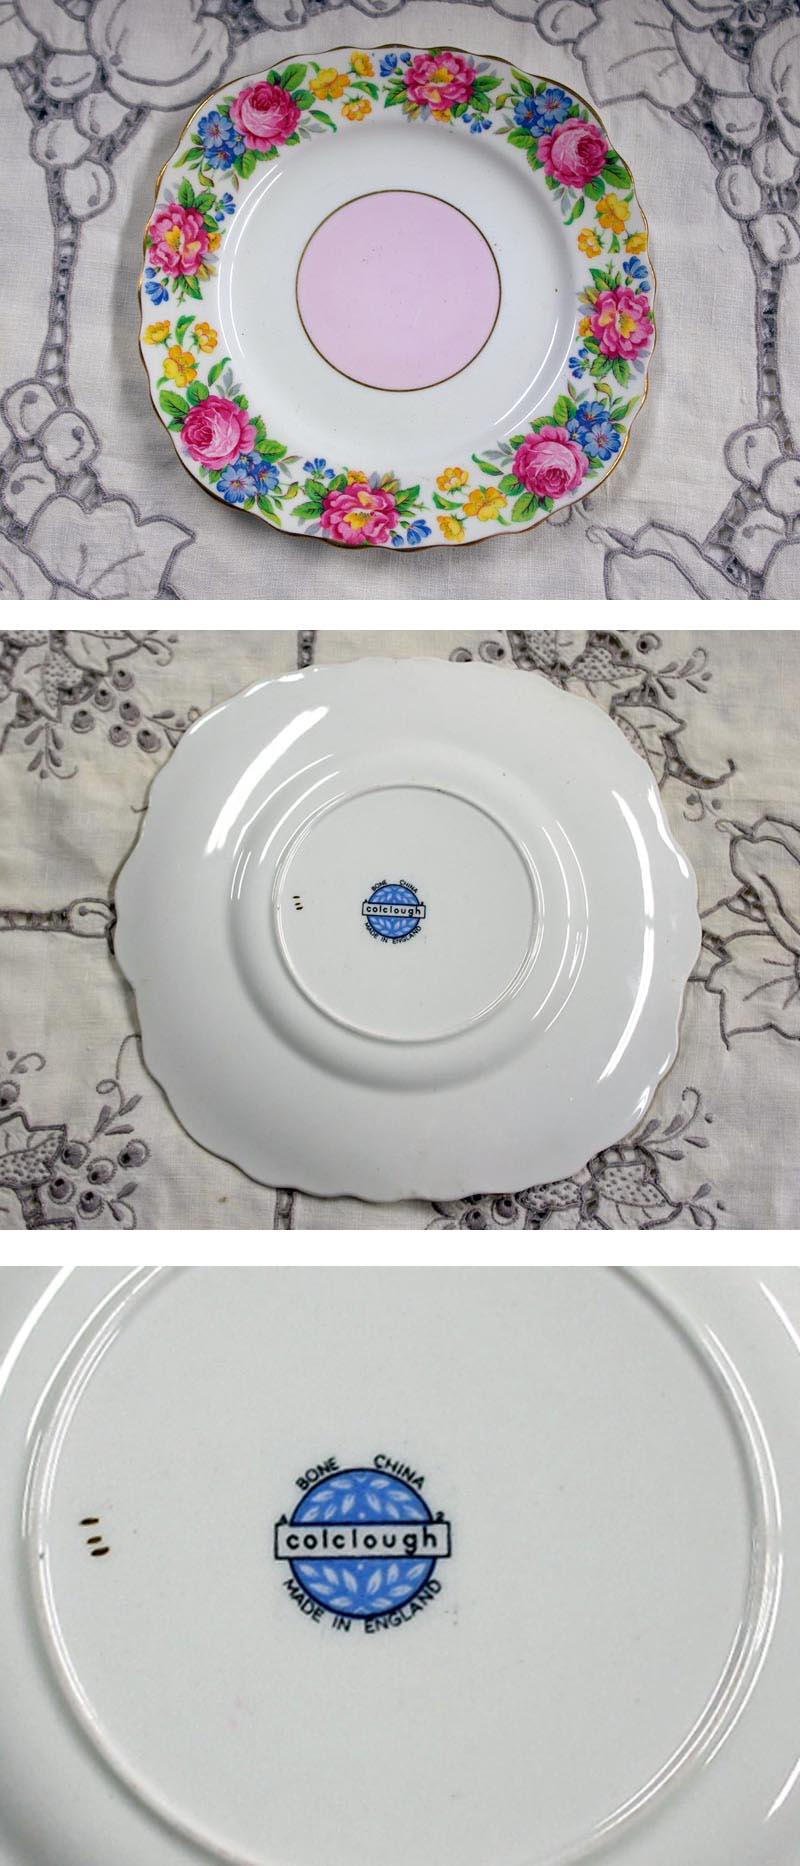 画像3: コルクラフColclough トリオ6客+シュガーボール+ミルクジャー+ケーキ皿